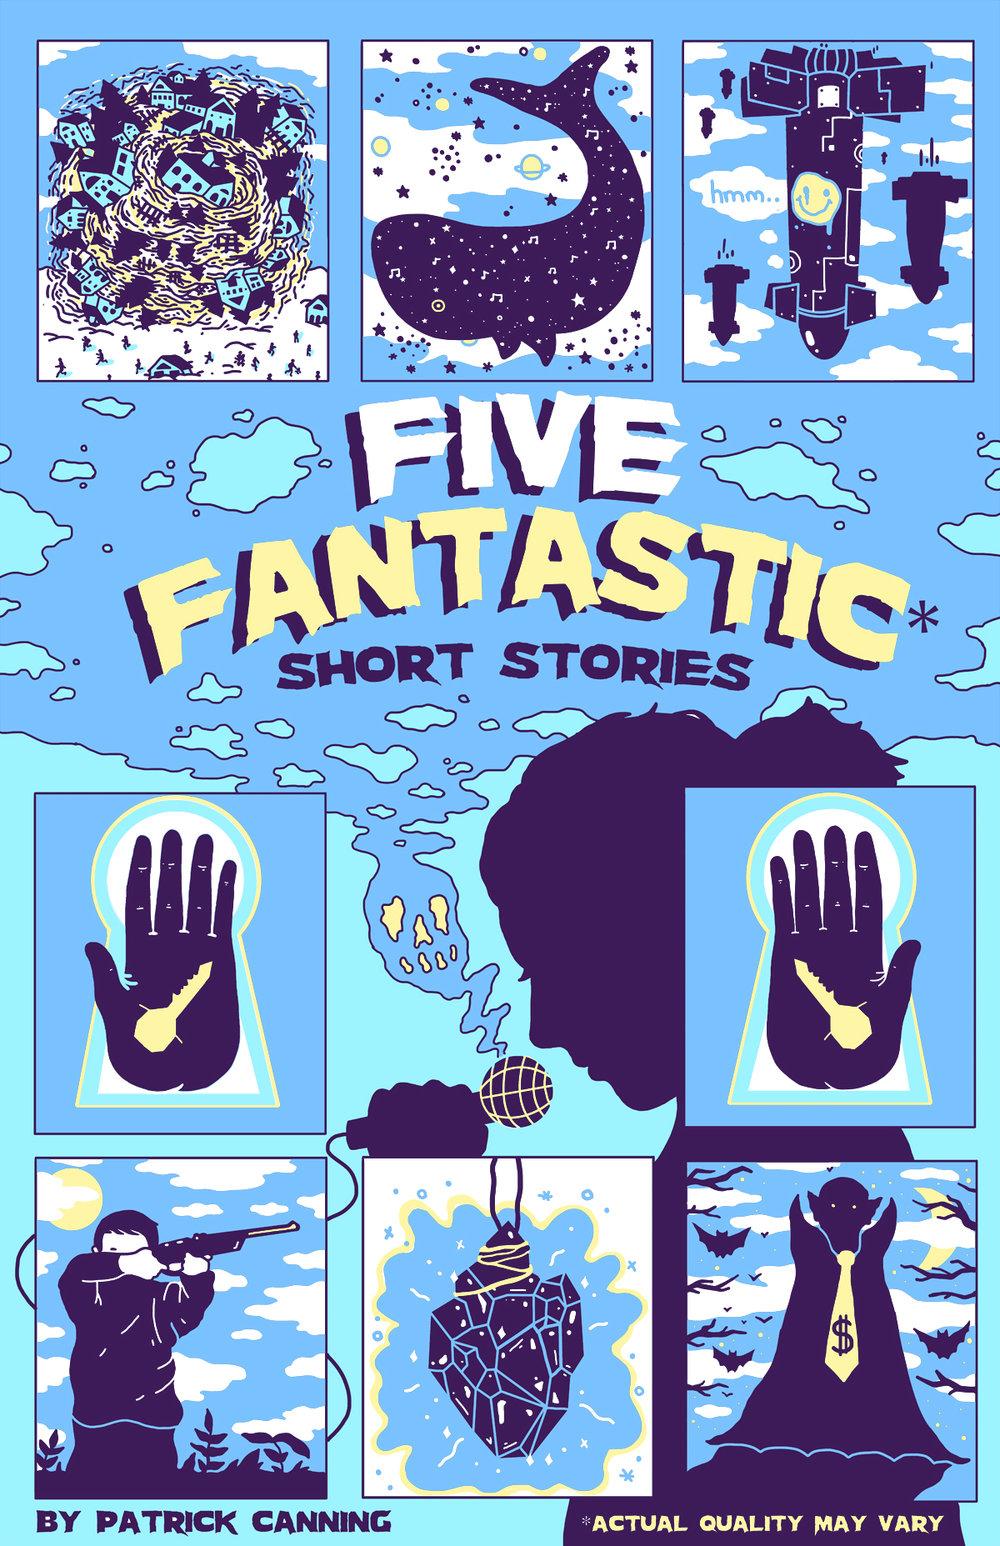 fivefantasticalillustration4.jpg